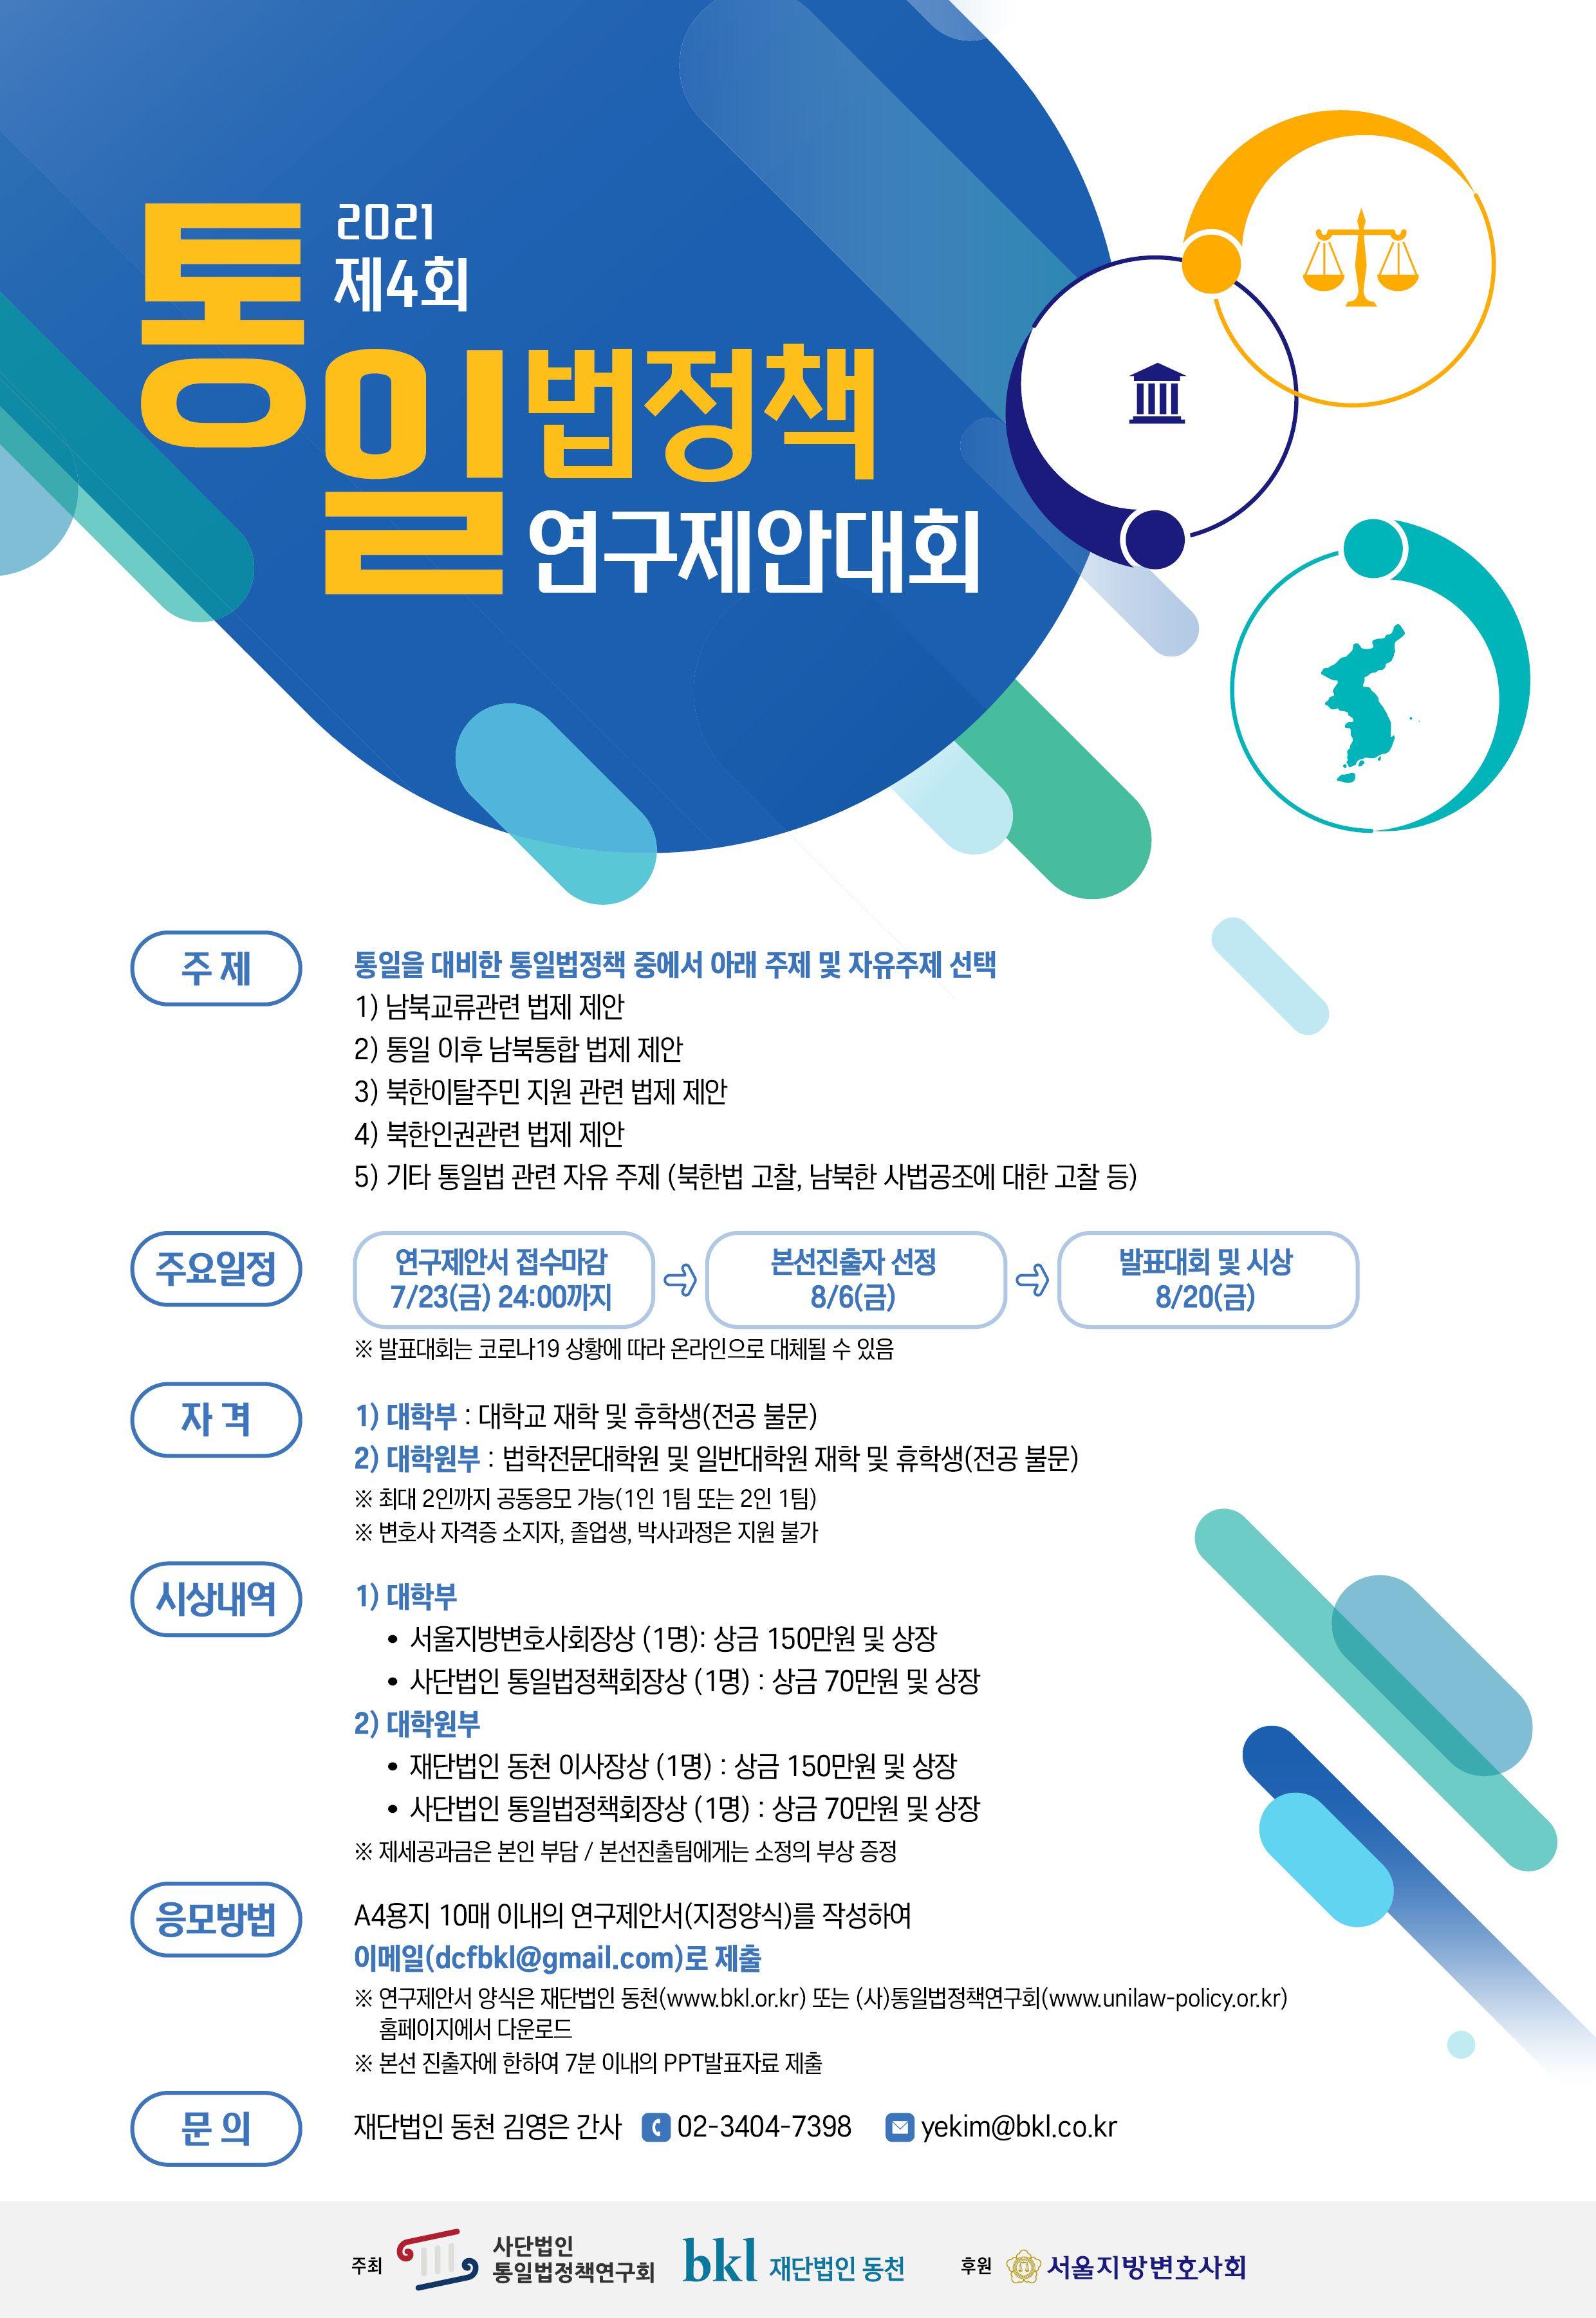 제4회 통일법정책 연구제안대회